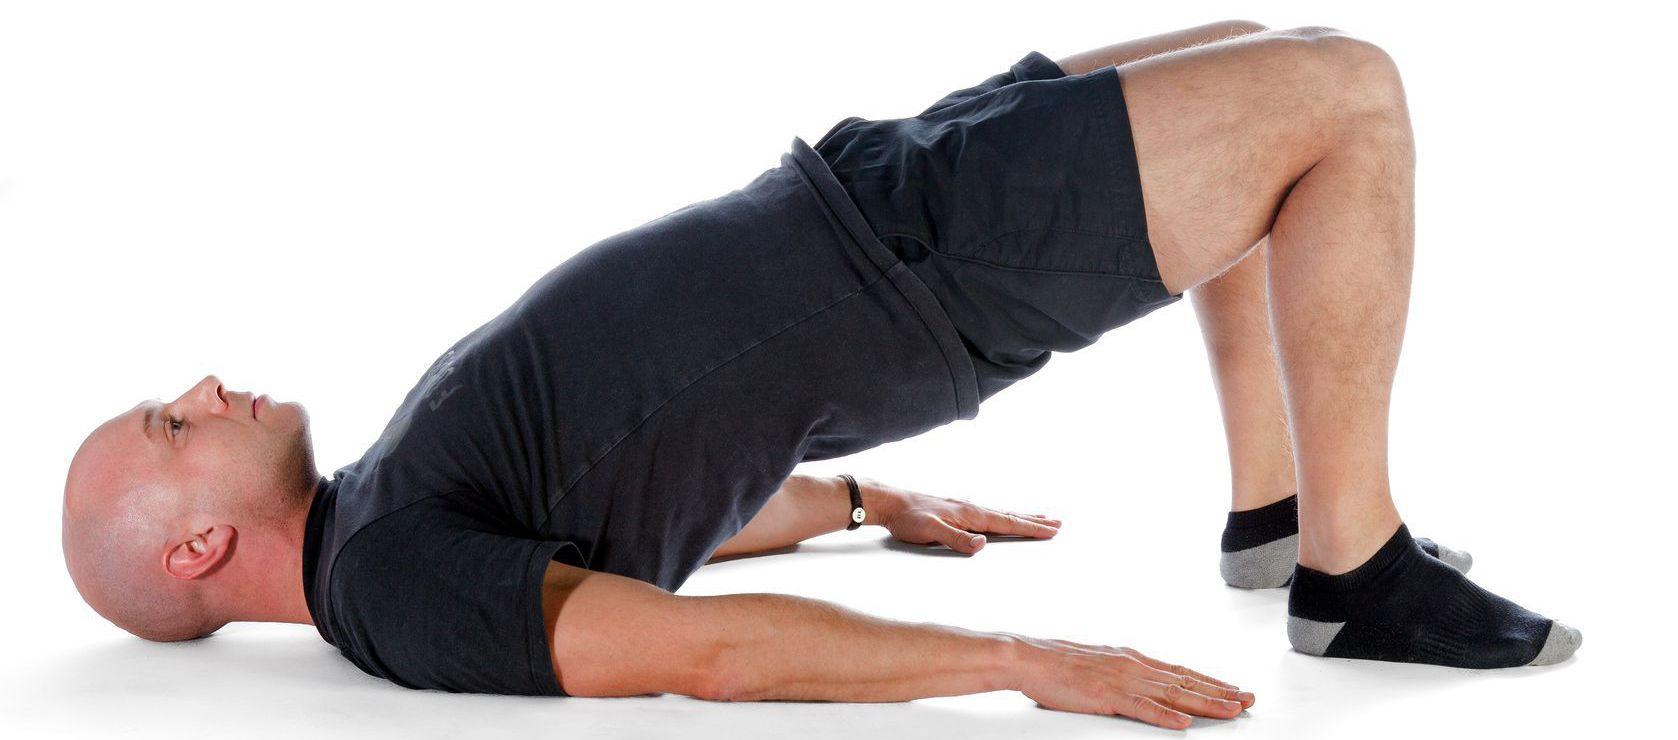 Упражнение Кегеля для мужчин: видео о том как правильно выполнять в домашних условиях, фото пошагово и уроки для начинающих